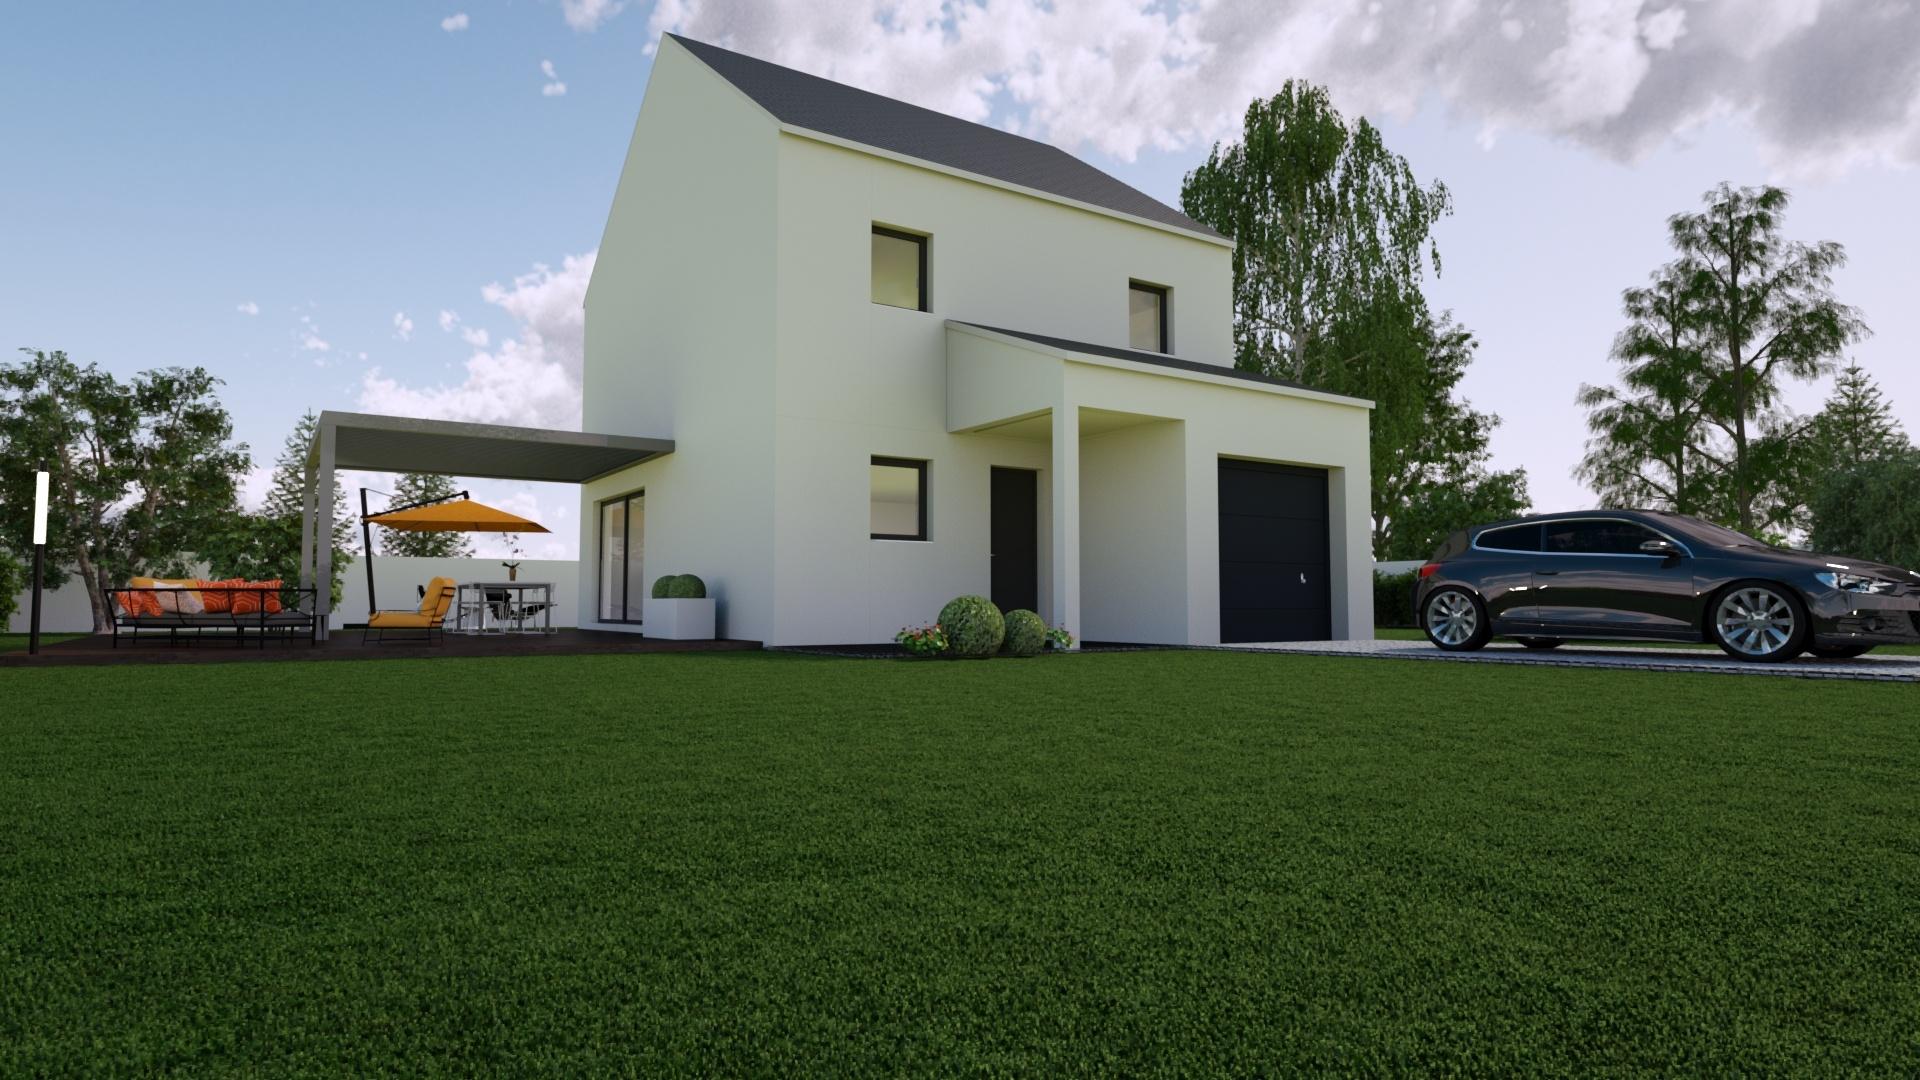 Maisons + Terrains du constructeur Mon Courtier Maison • 94 m² • LIGNE